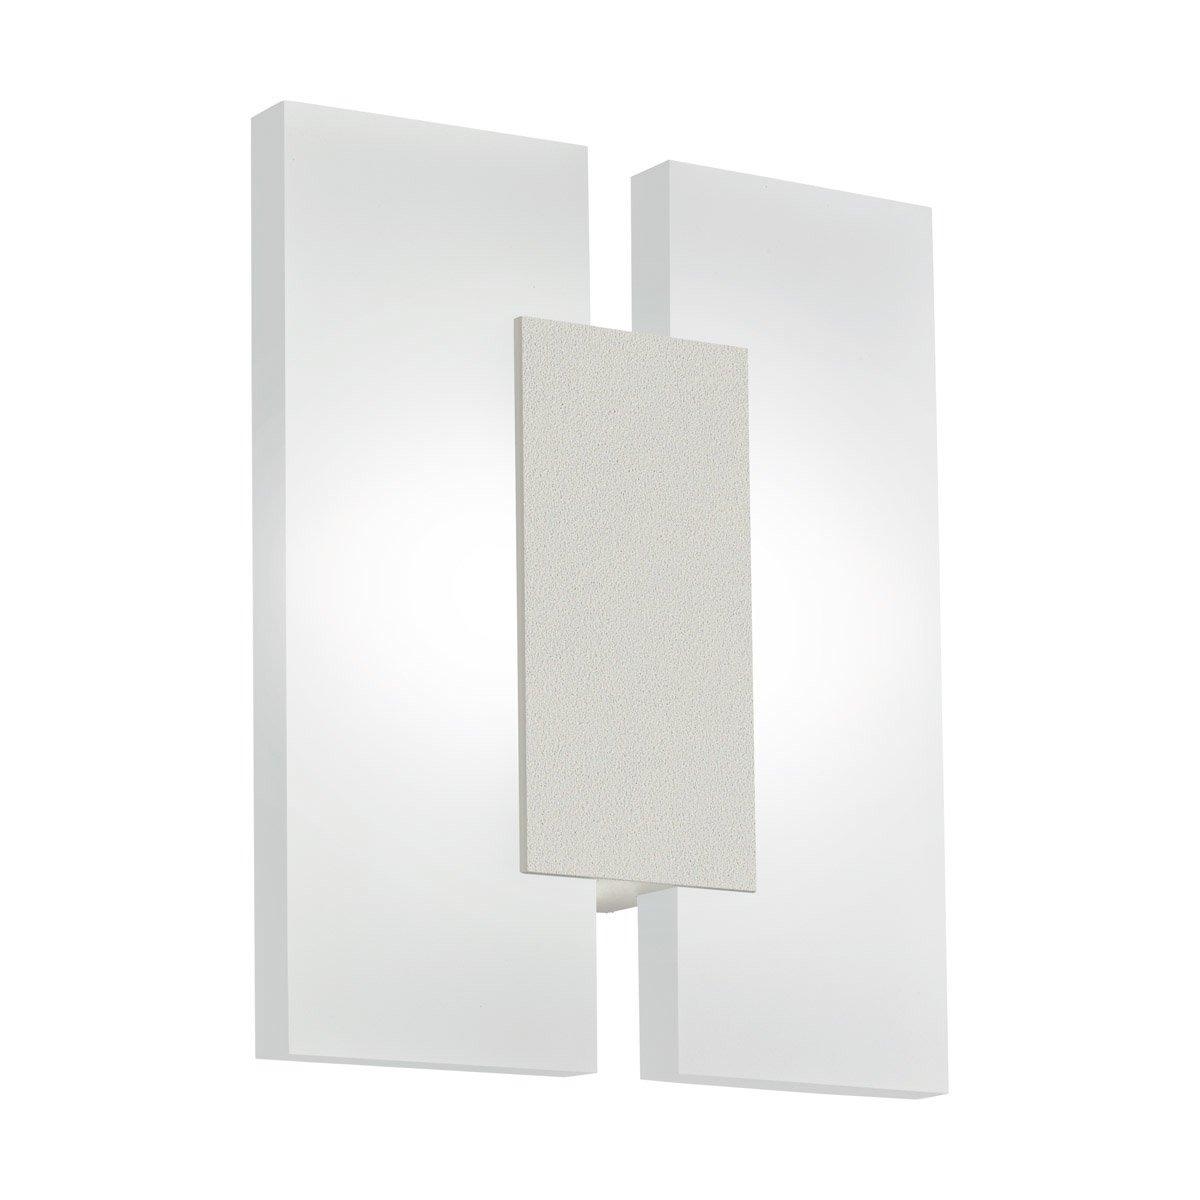 Eglo Wand - plafondlamp Metrass 2 design Eglo 96043